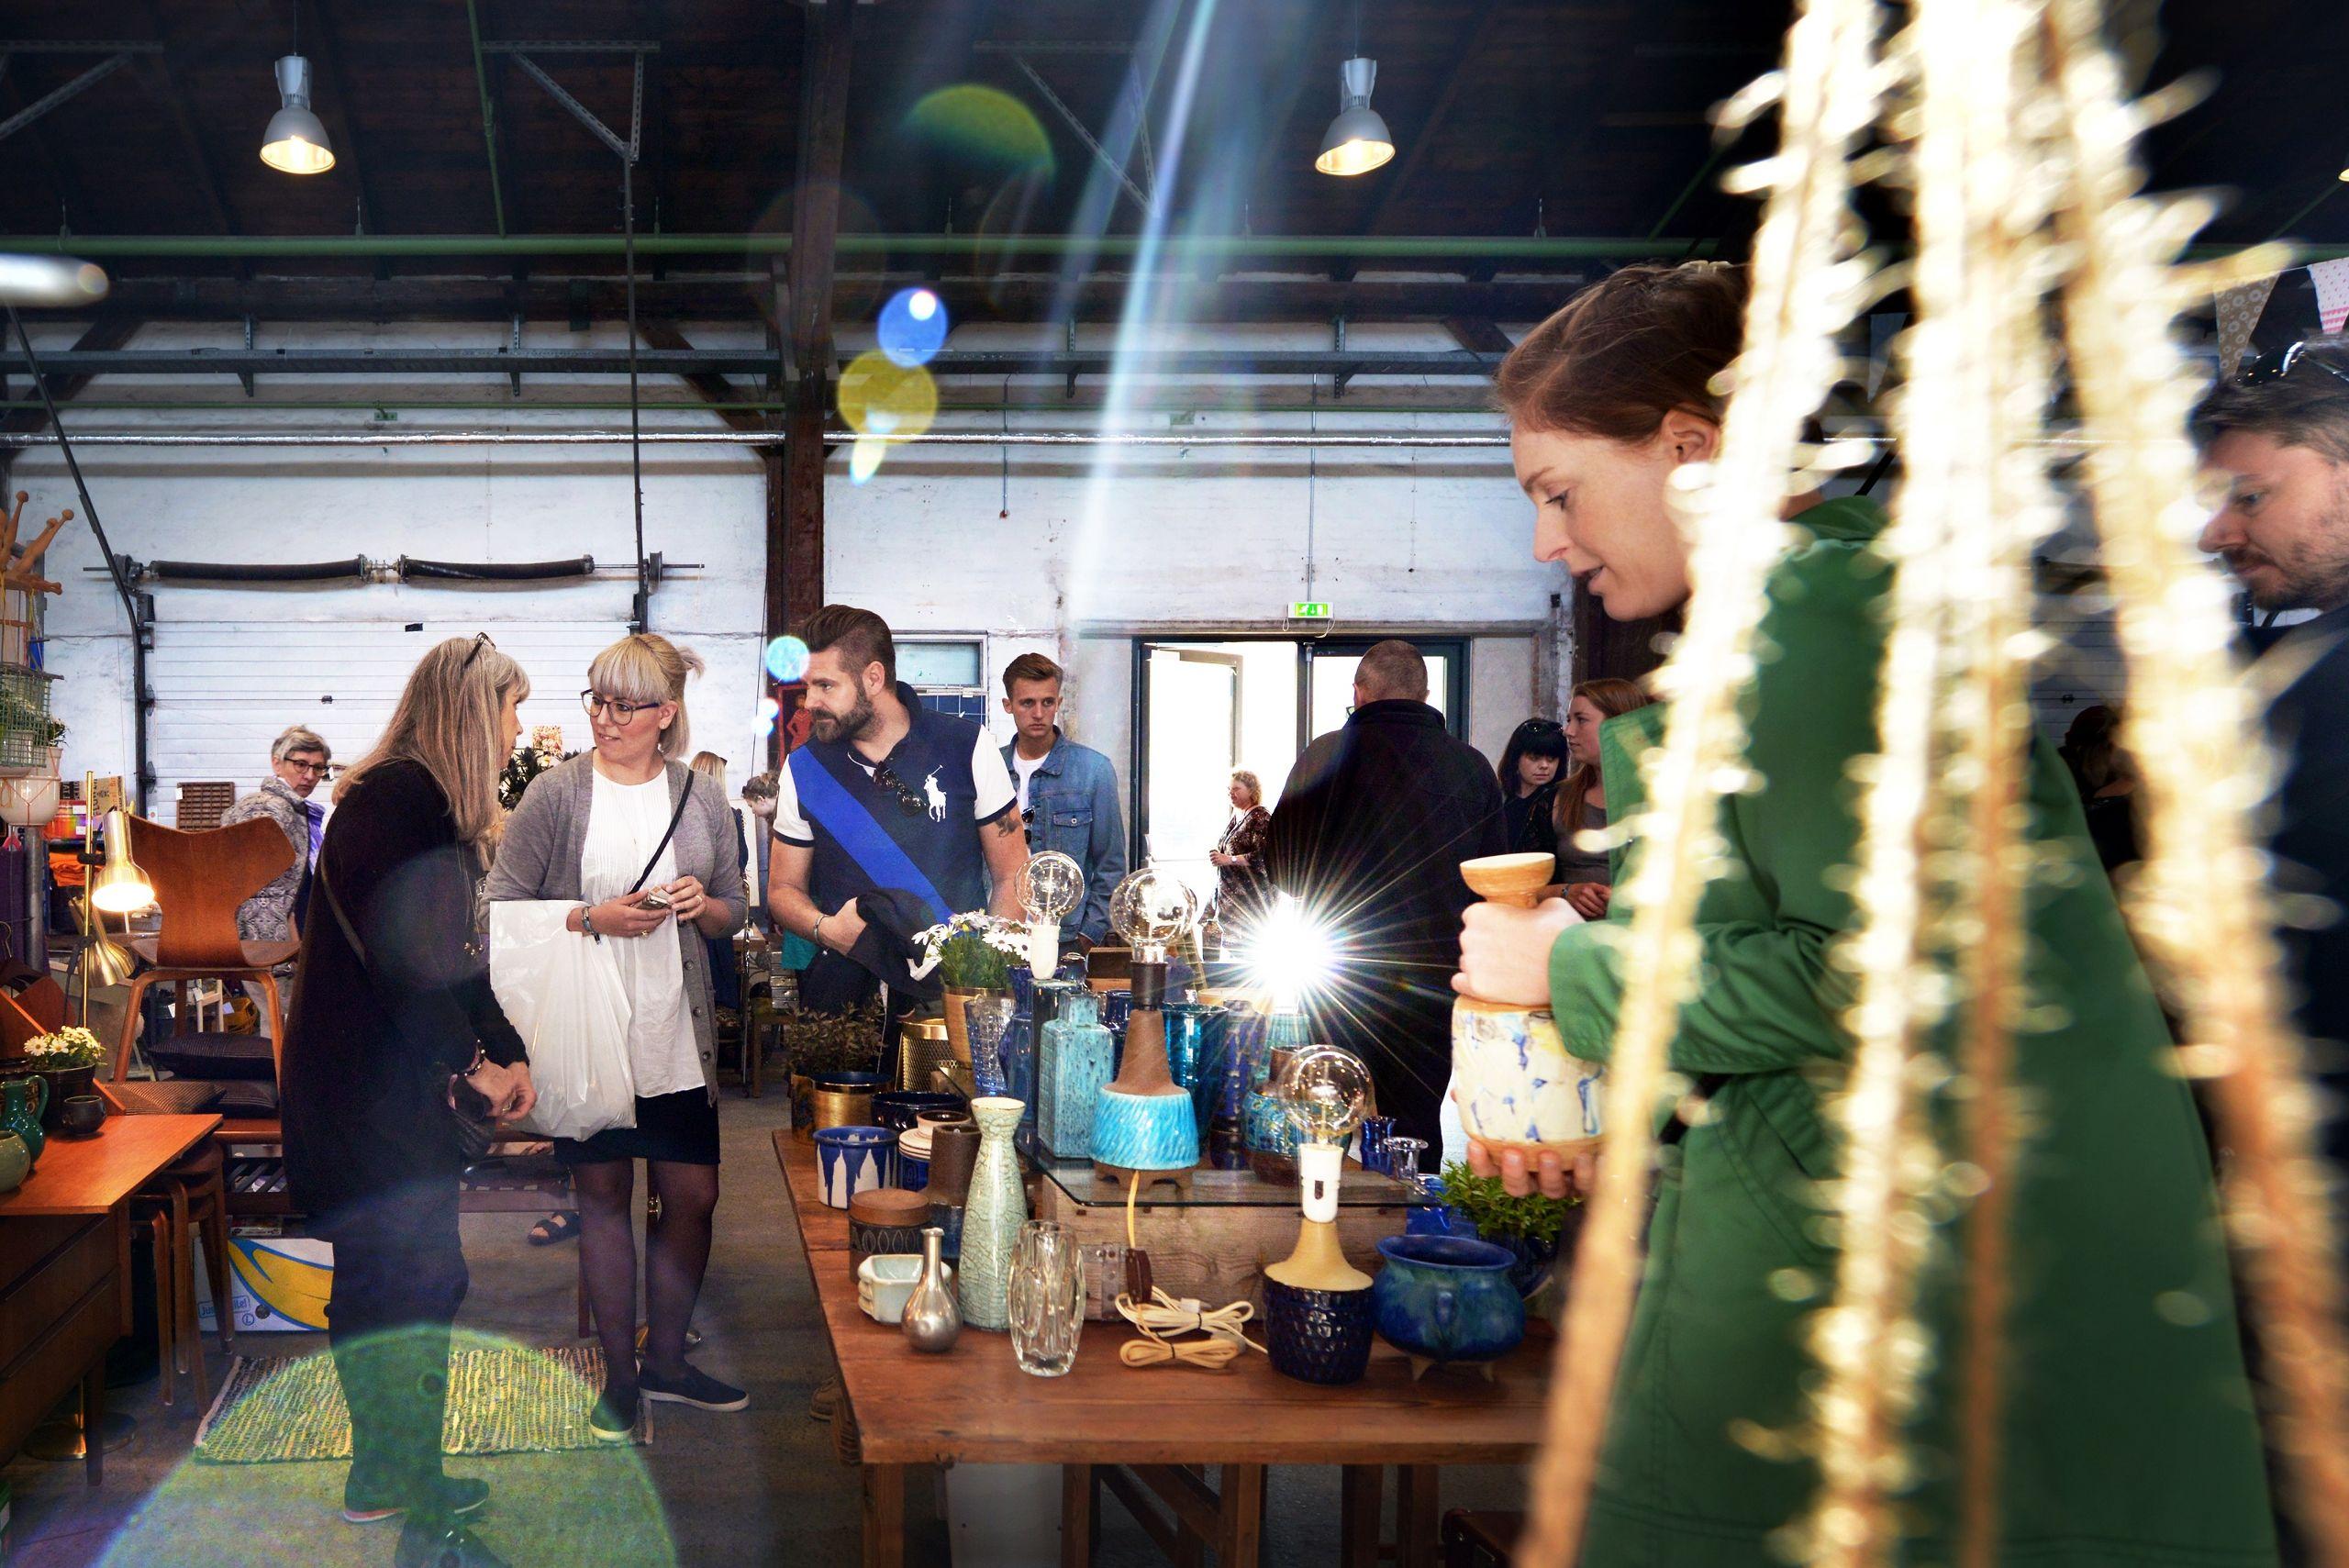 Retroguld-konceptet har vokset sig stort med tilbagevendende markeder - udover Aalborg - i Aarhus, København og Odense og snart også Vejle. PR-foto